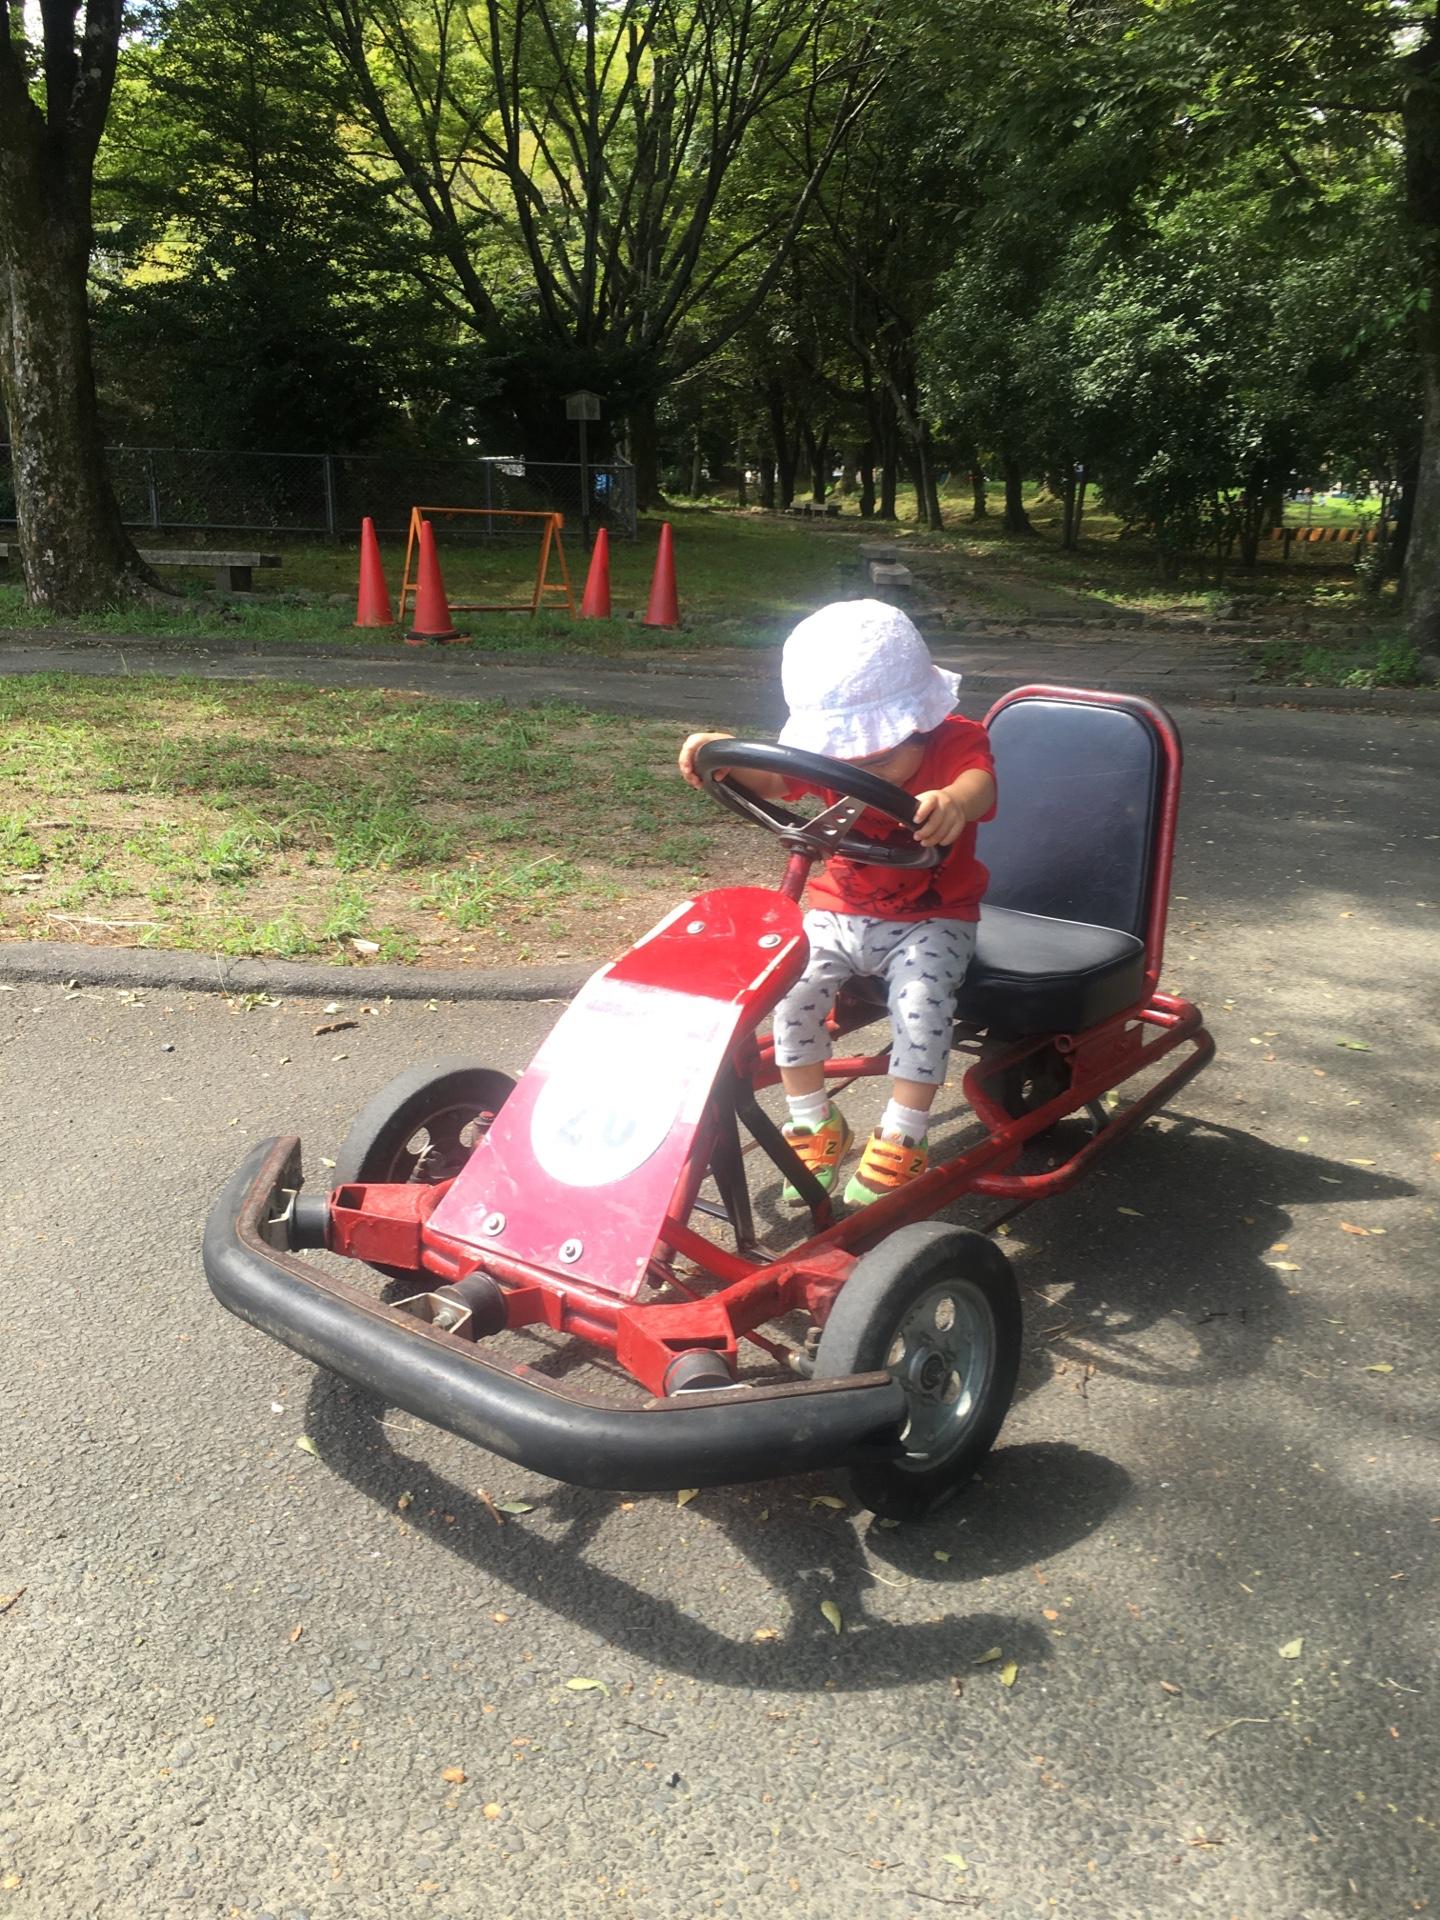 親子でゴーカートが乗れる京都でおすすめの公園『大宮交通公園』